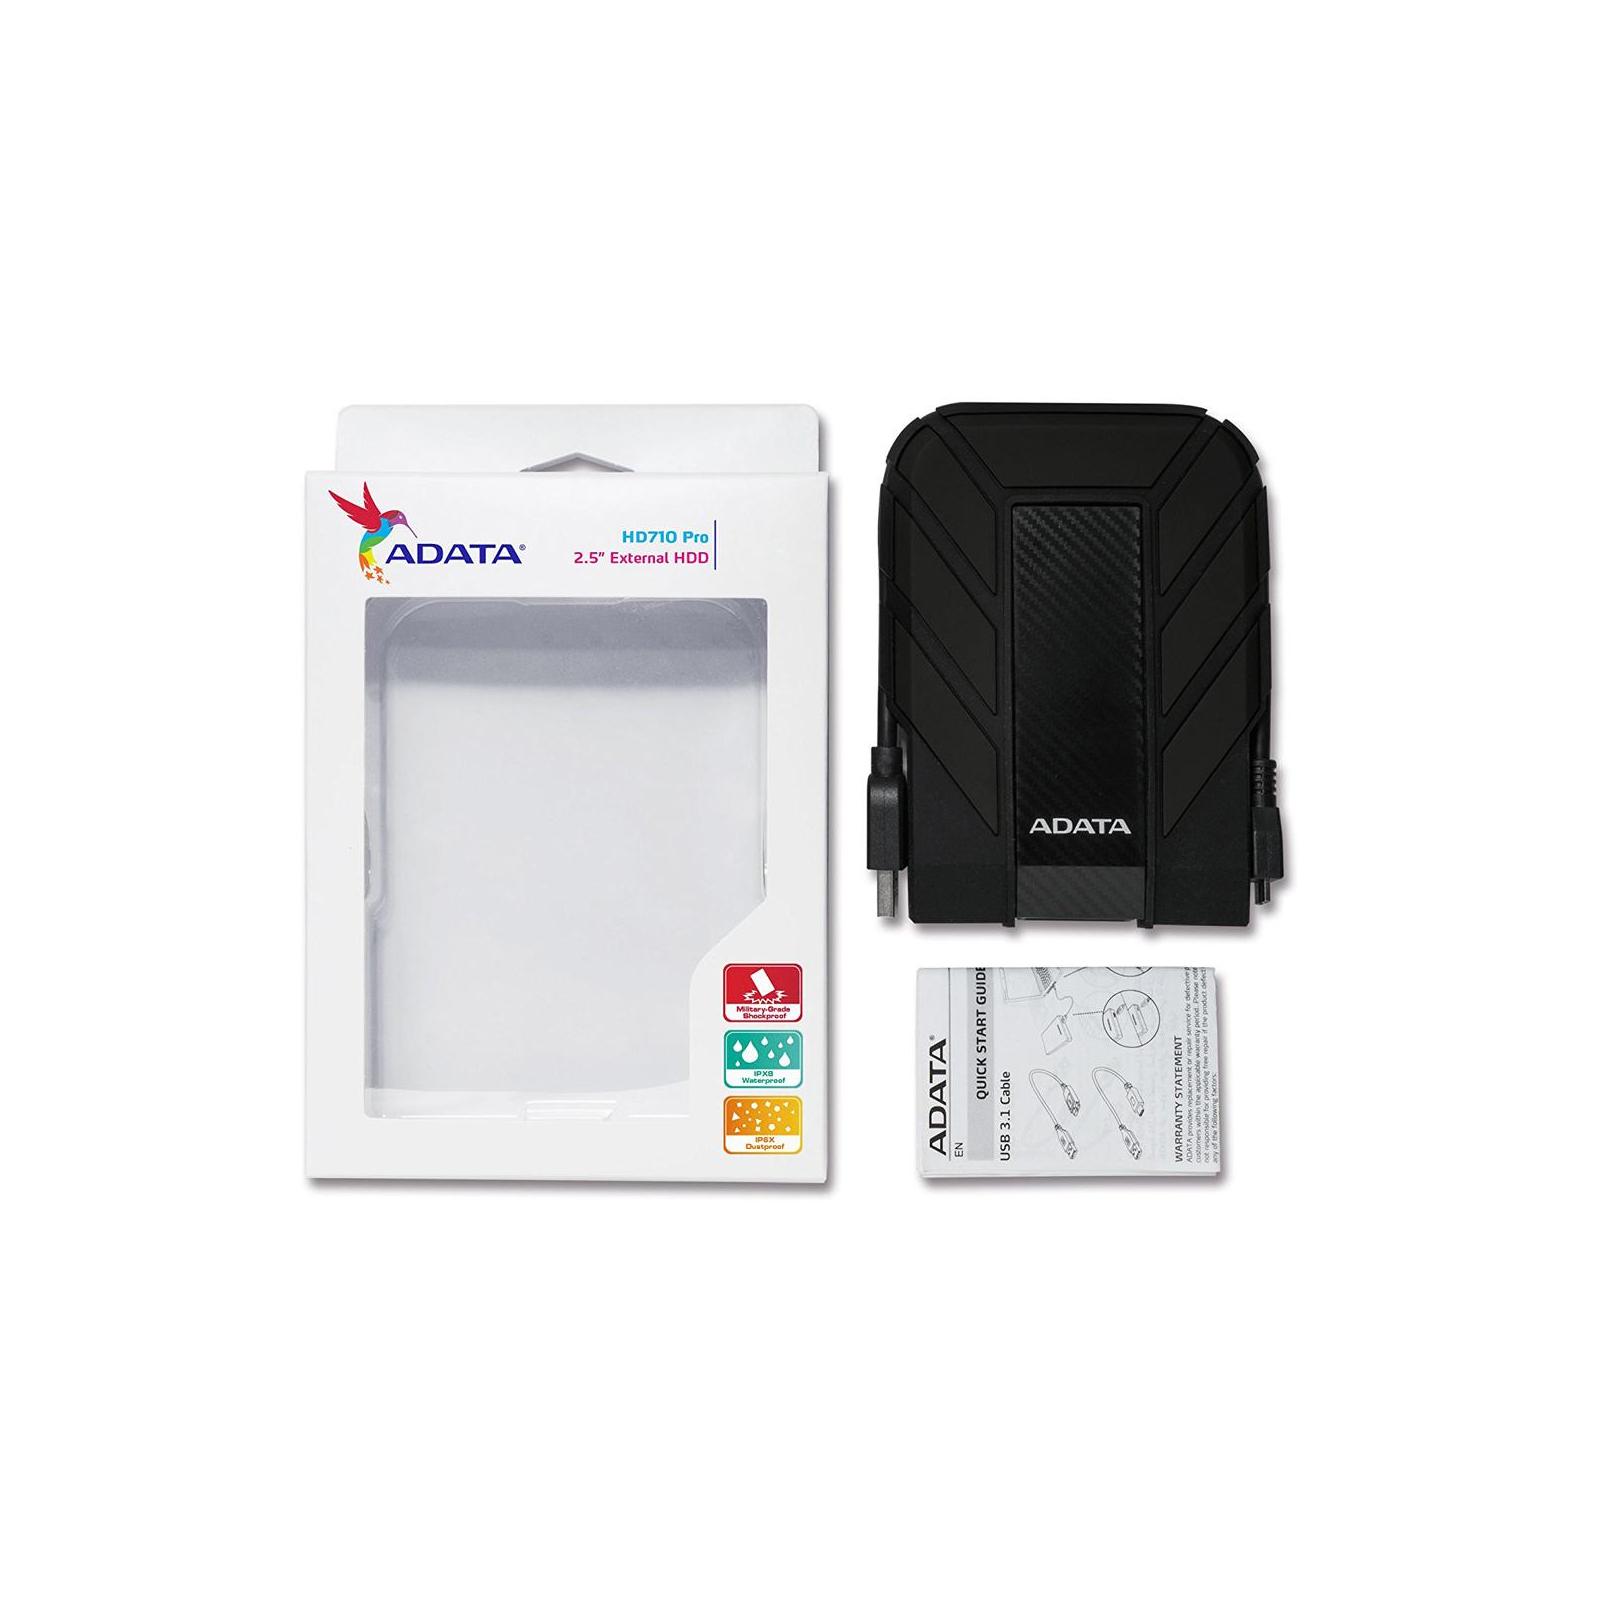 """Внешний жесткий диск 2.5"""" 2TB ADATA (AHD710P-2TU31-CBK) изображение 5"""